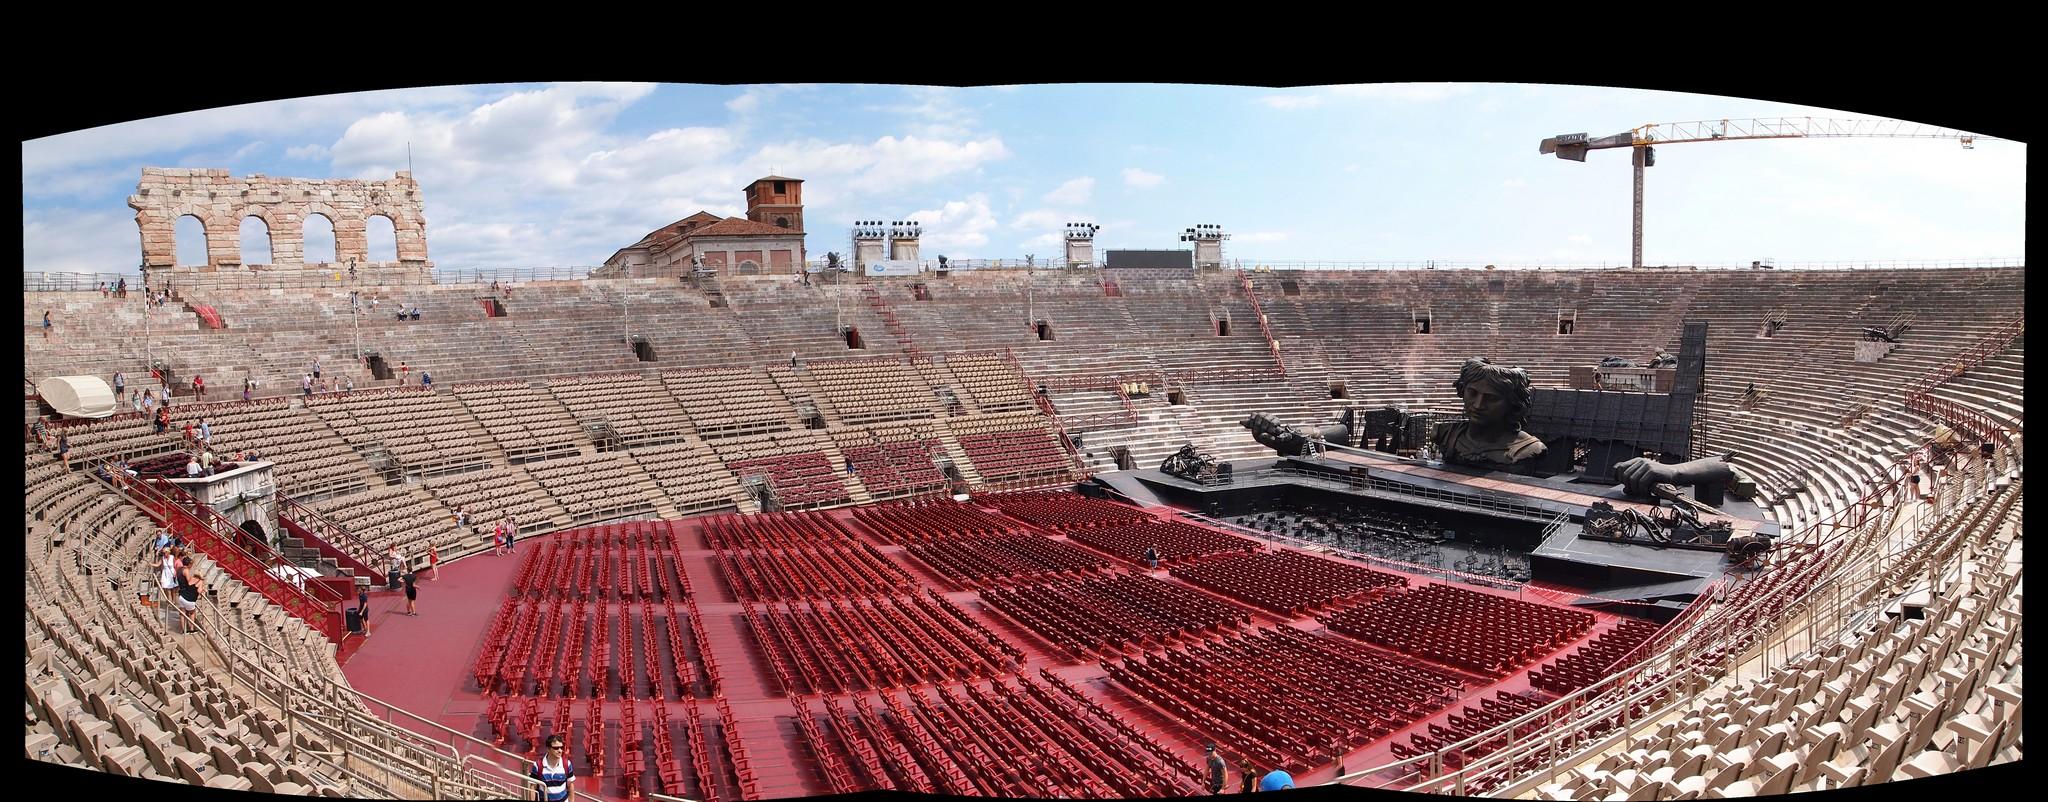 P8228077 Panorama.jpg